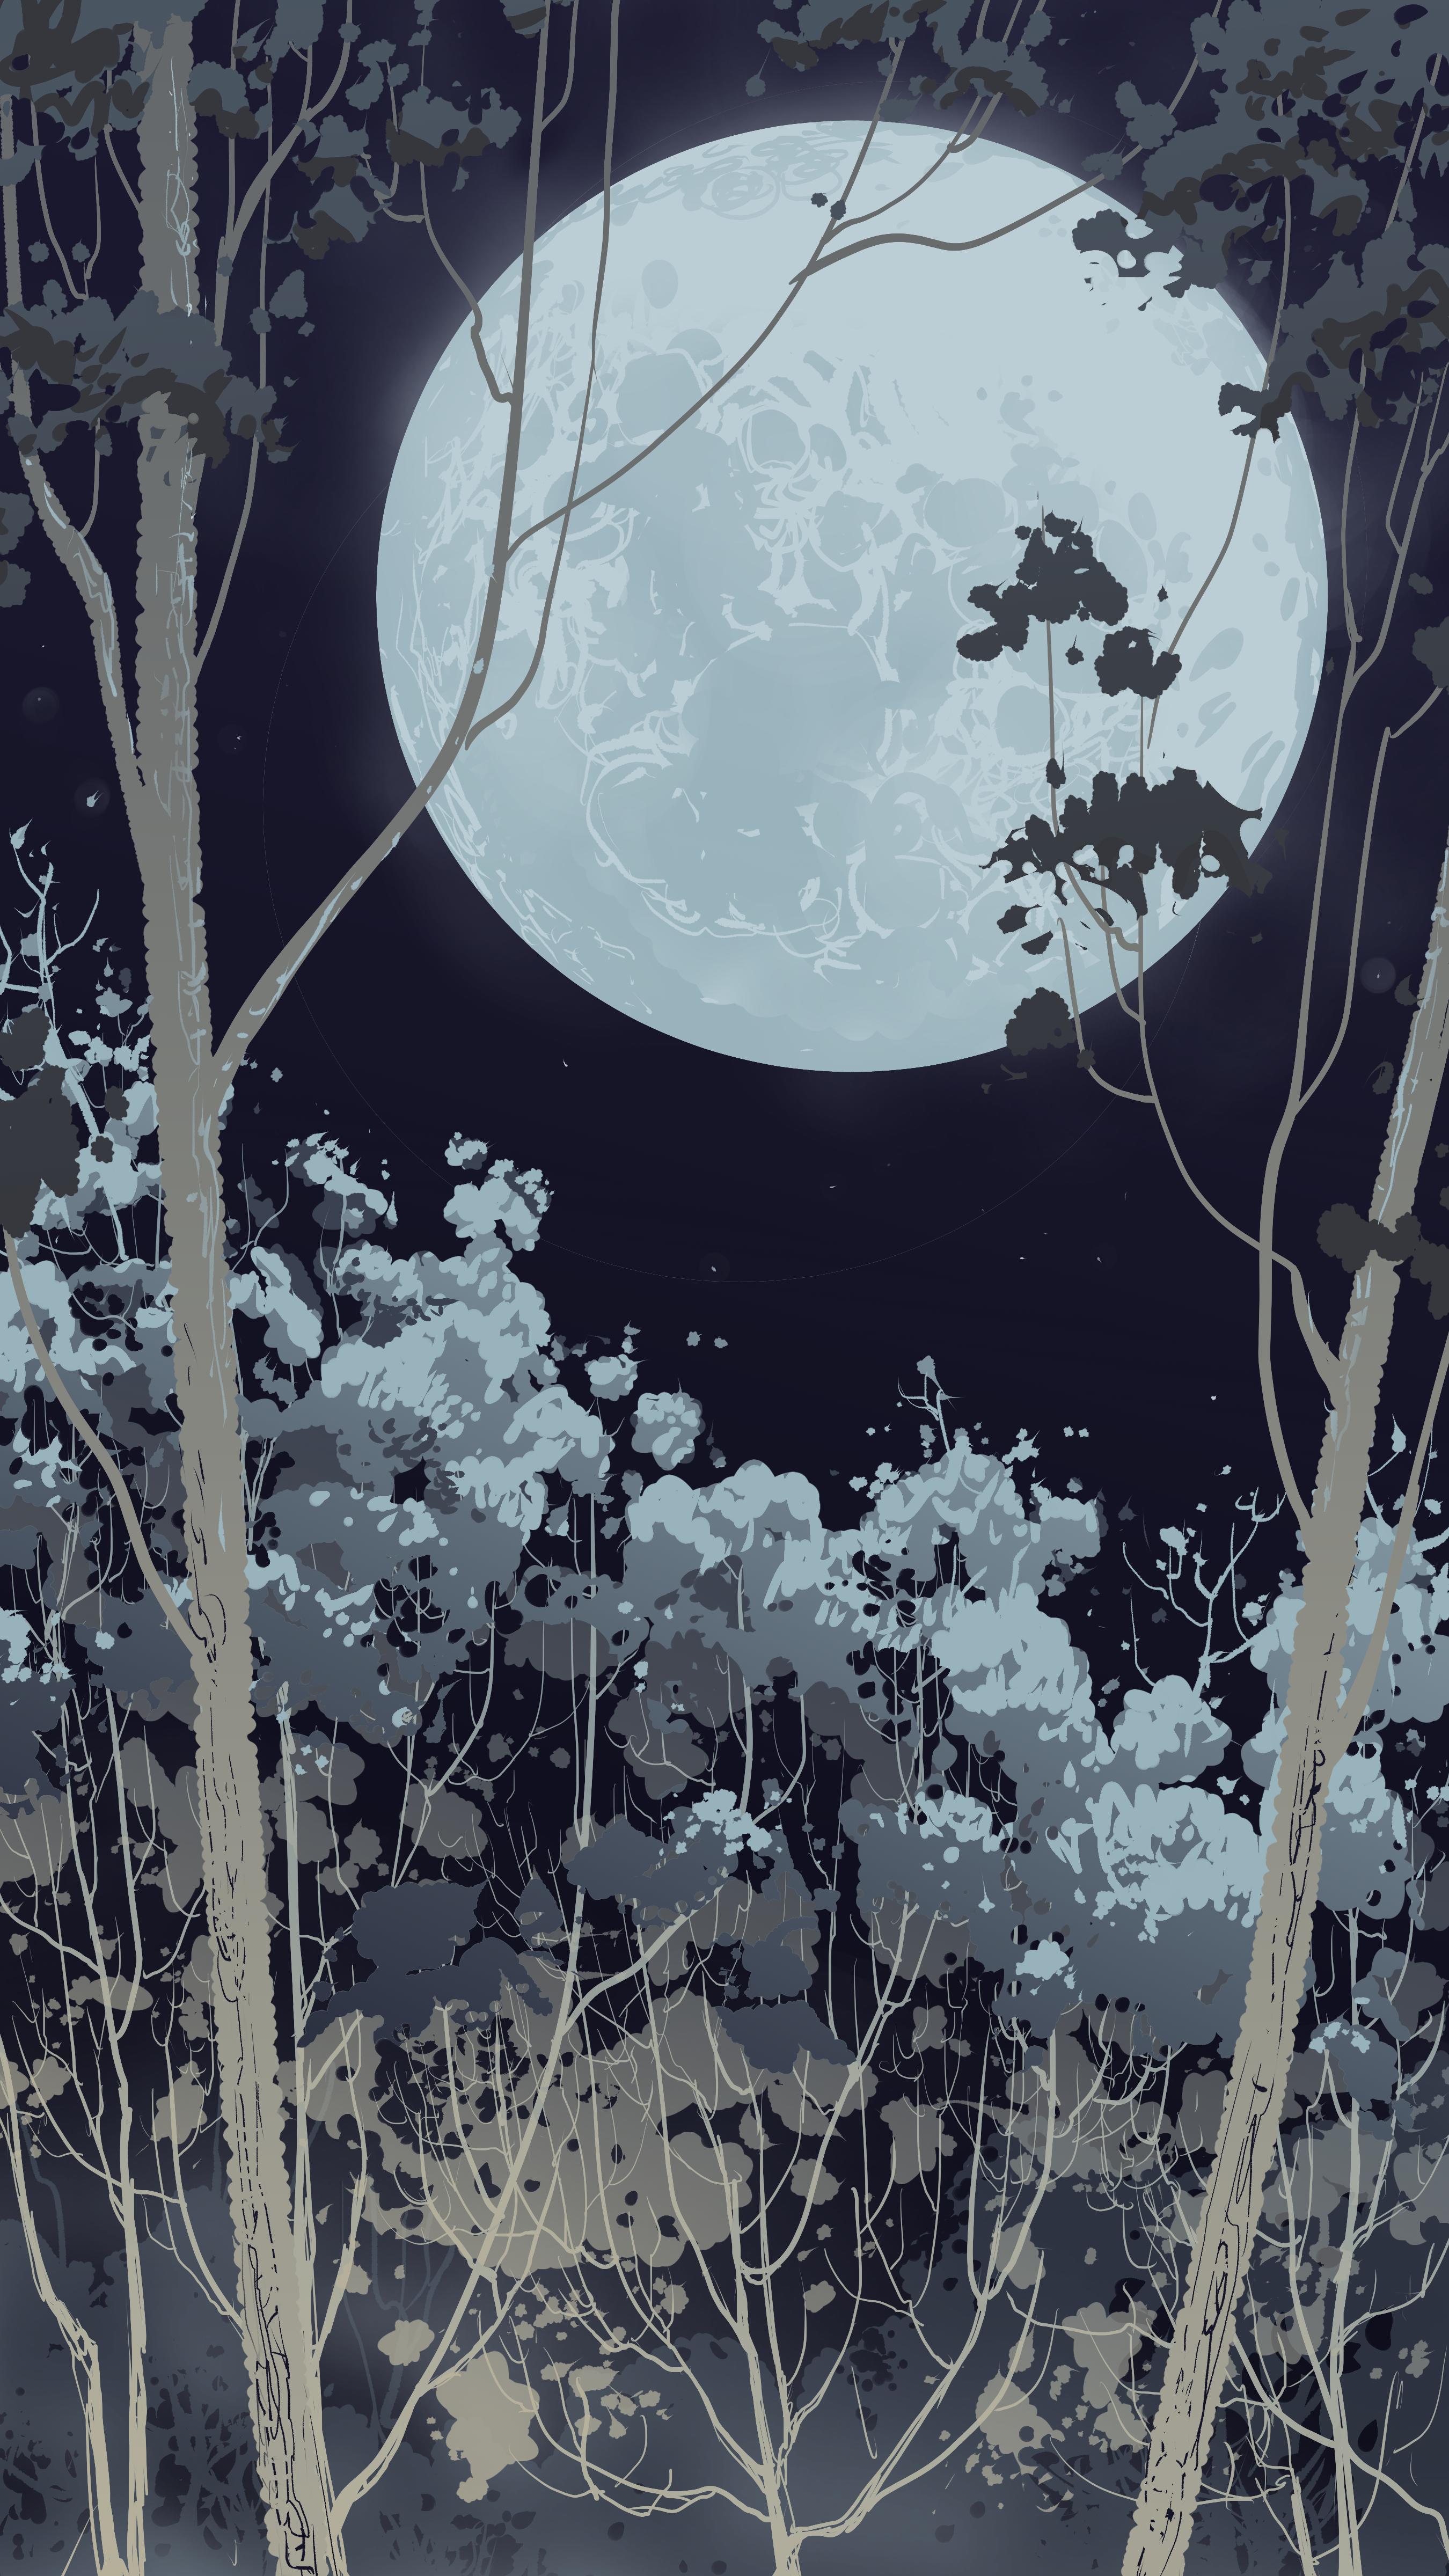 127787 Hintergrundbild herunterladen Vektor, Übernachtung, Wald, Vollmond - Bildschirmschoner und Bilder kostenlos